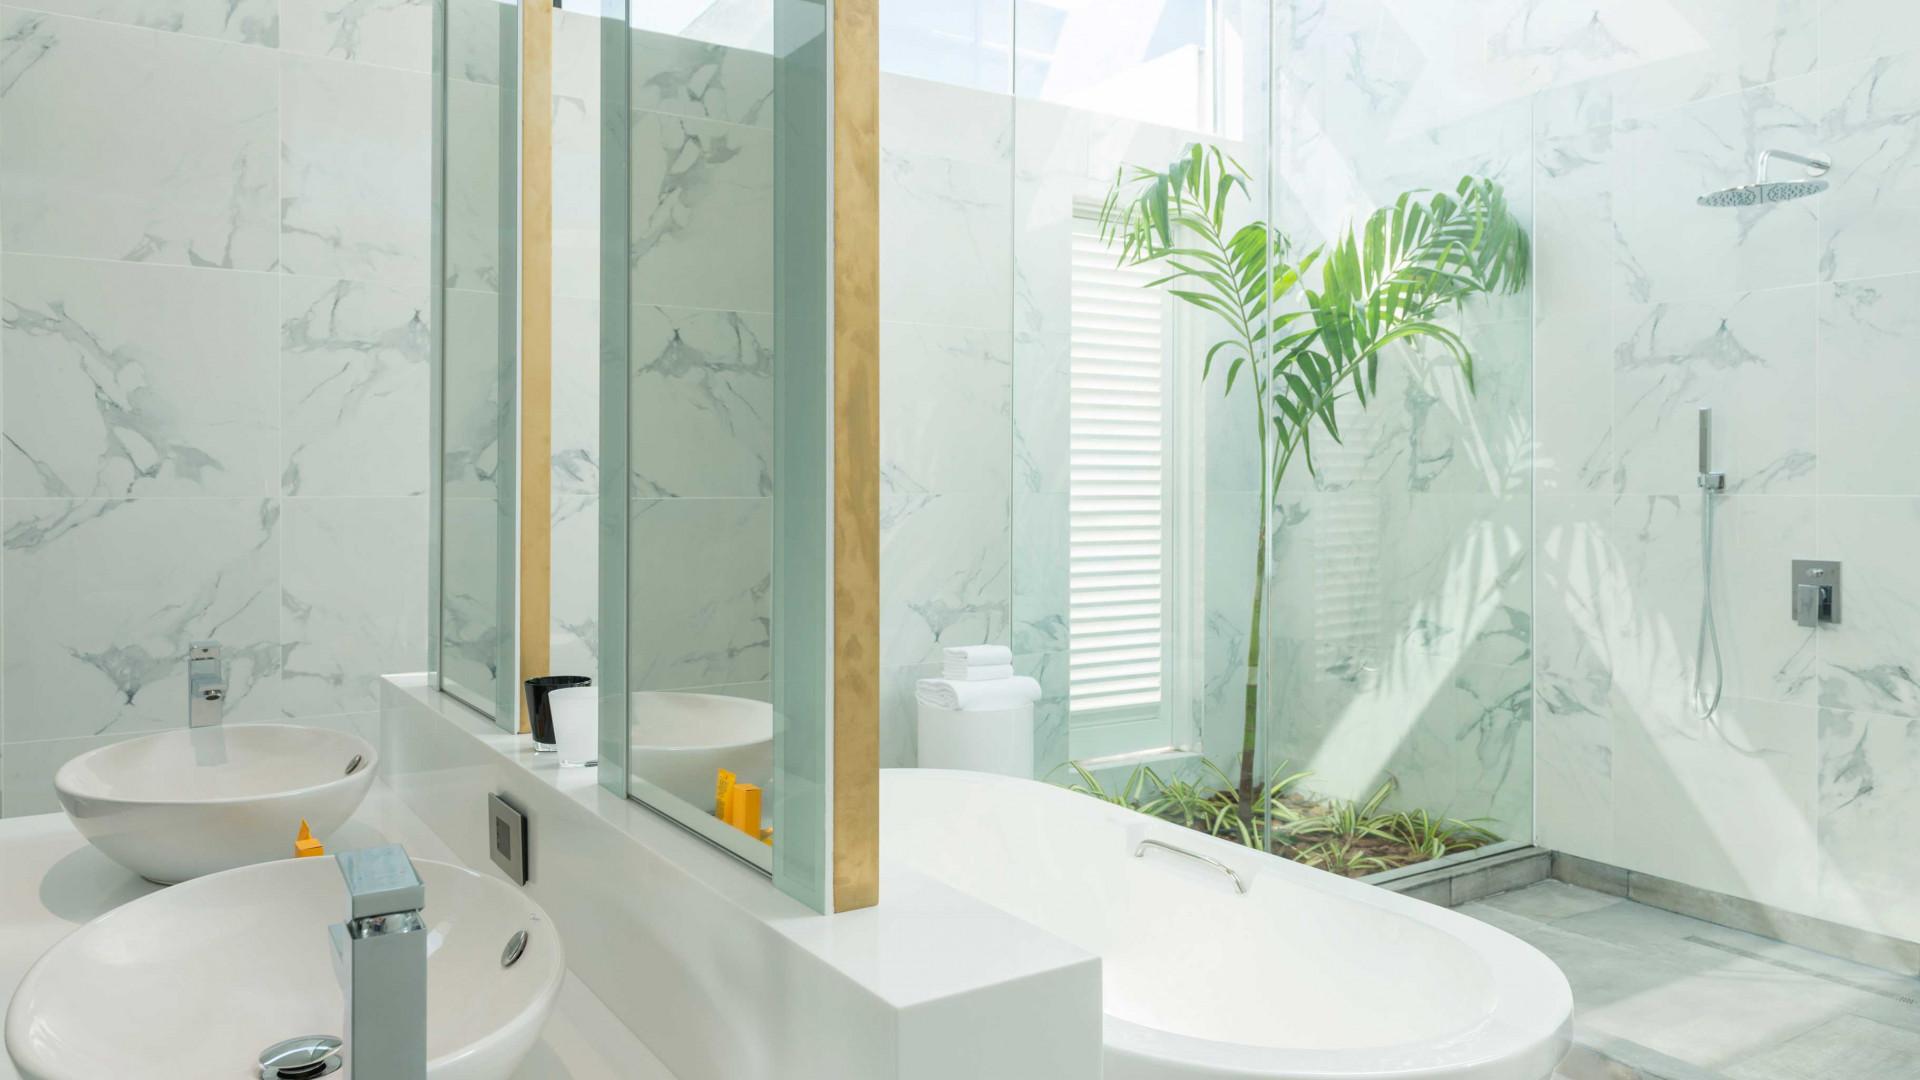 Bathroom at Zaya Nurai island resort, Abu Dhabi, UAE